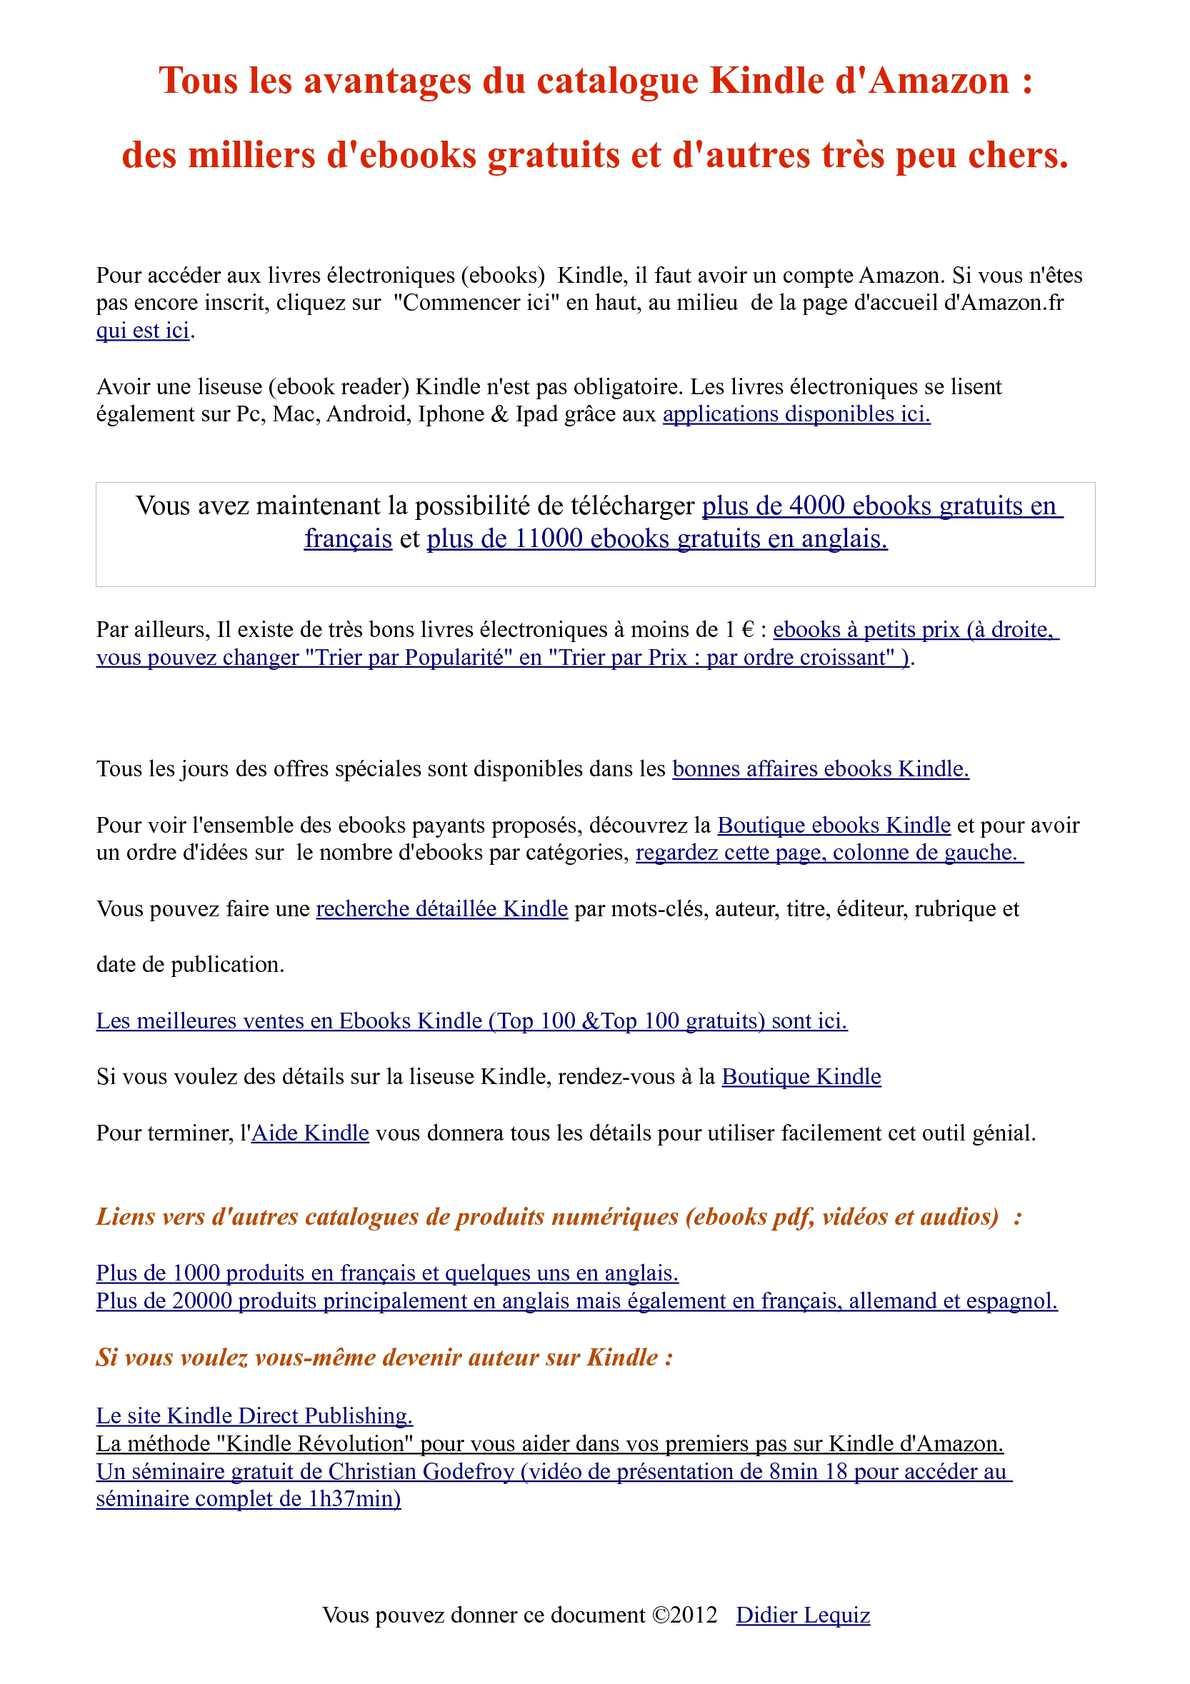 Meilleurs Livres Gratuits Kindle : meilleurs, livres, gratuits, kindle, Calaméo, Kindle, Amazon, Ebooks, Gratuits, Français, 11000, Anglais.